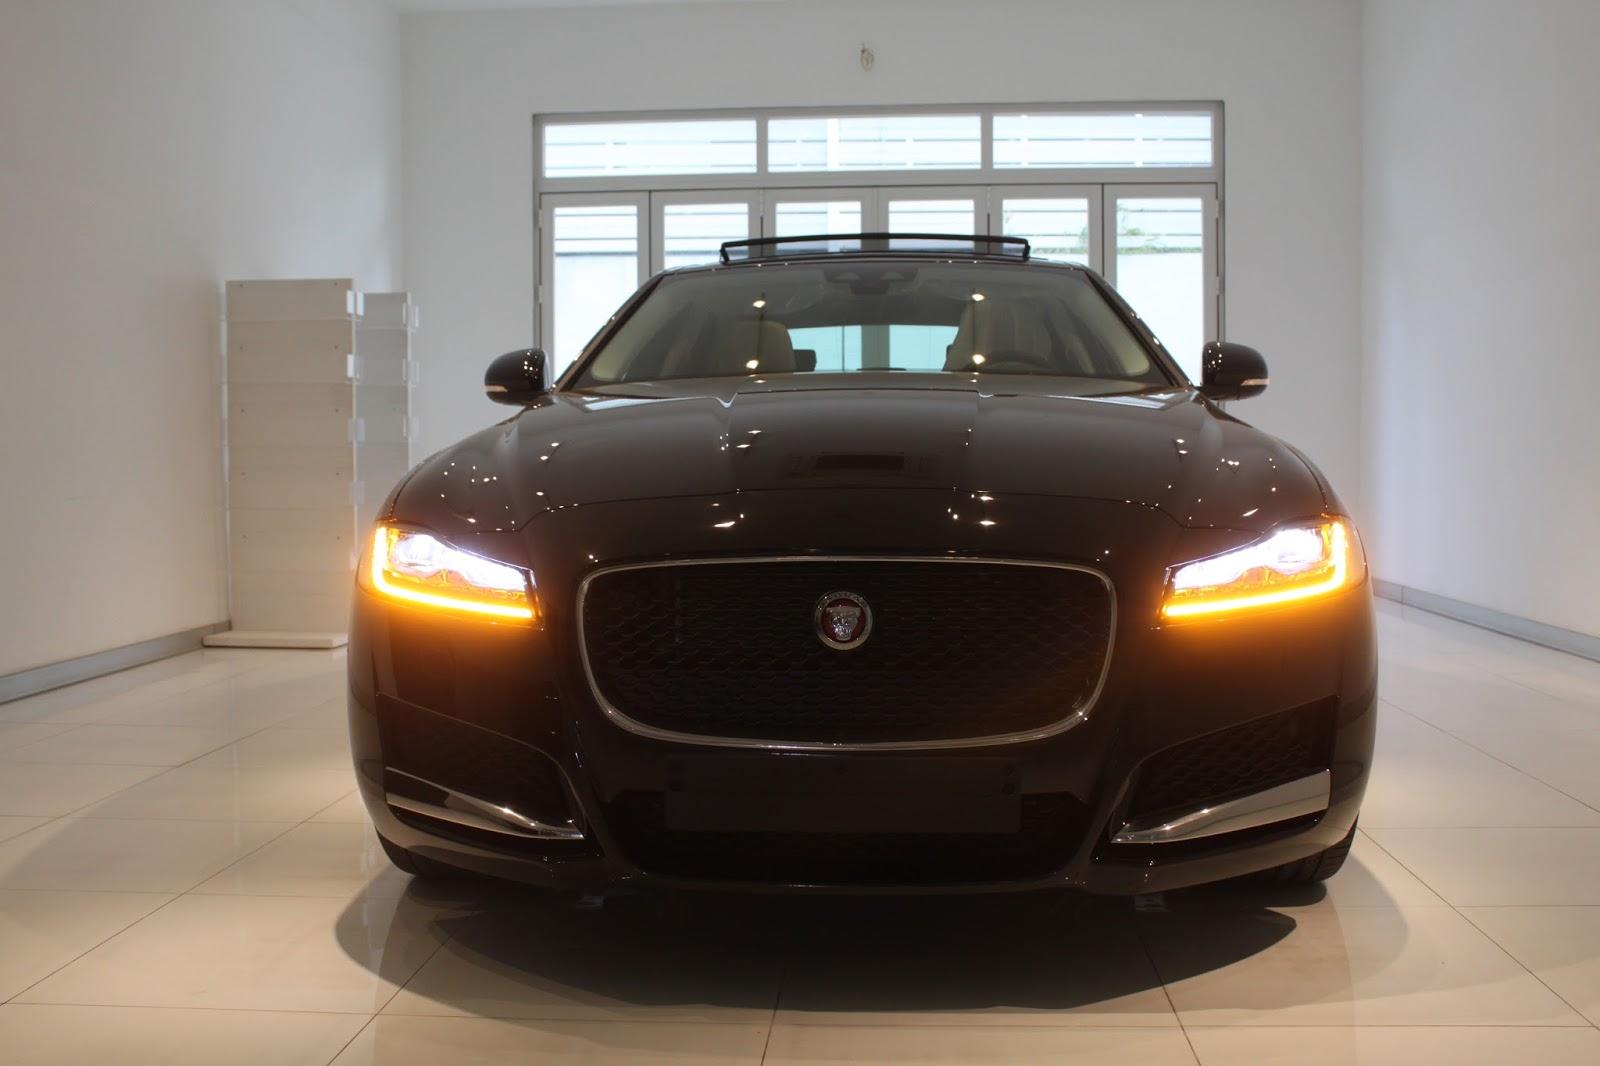 Hệ thống đèn pha full led cho bản cao cấp của Jaguar XF 2017 và 2018